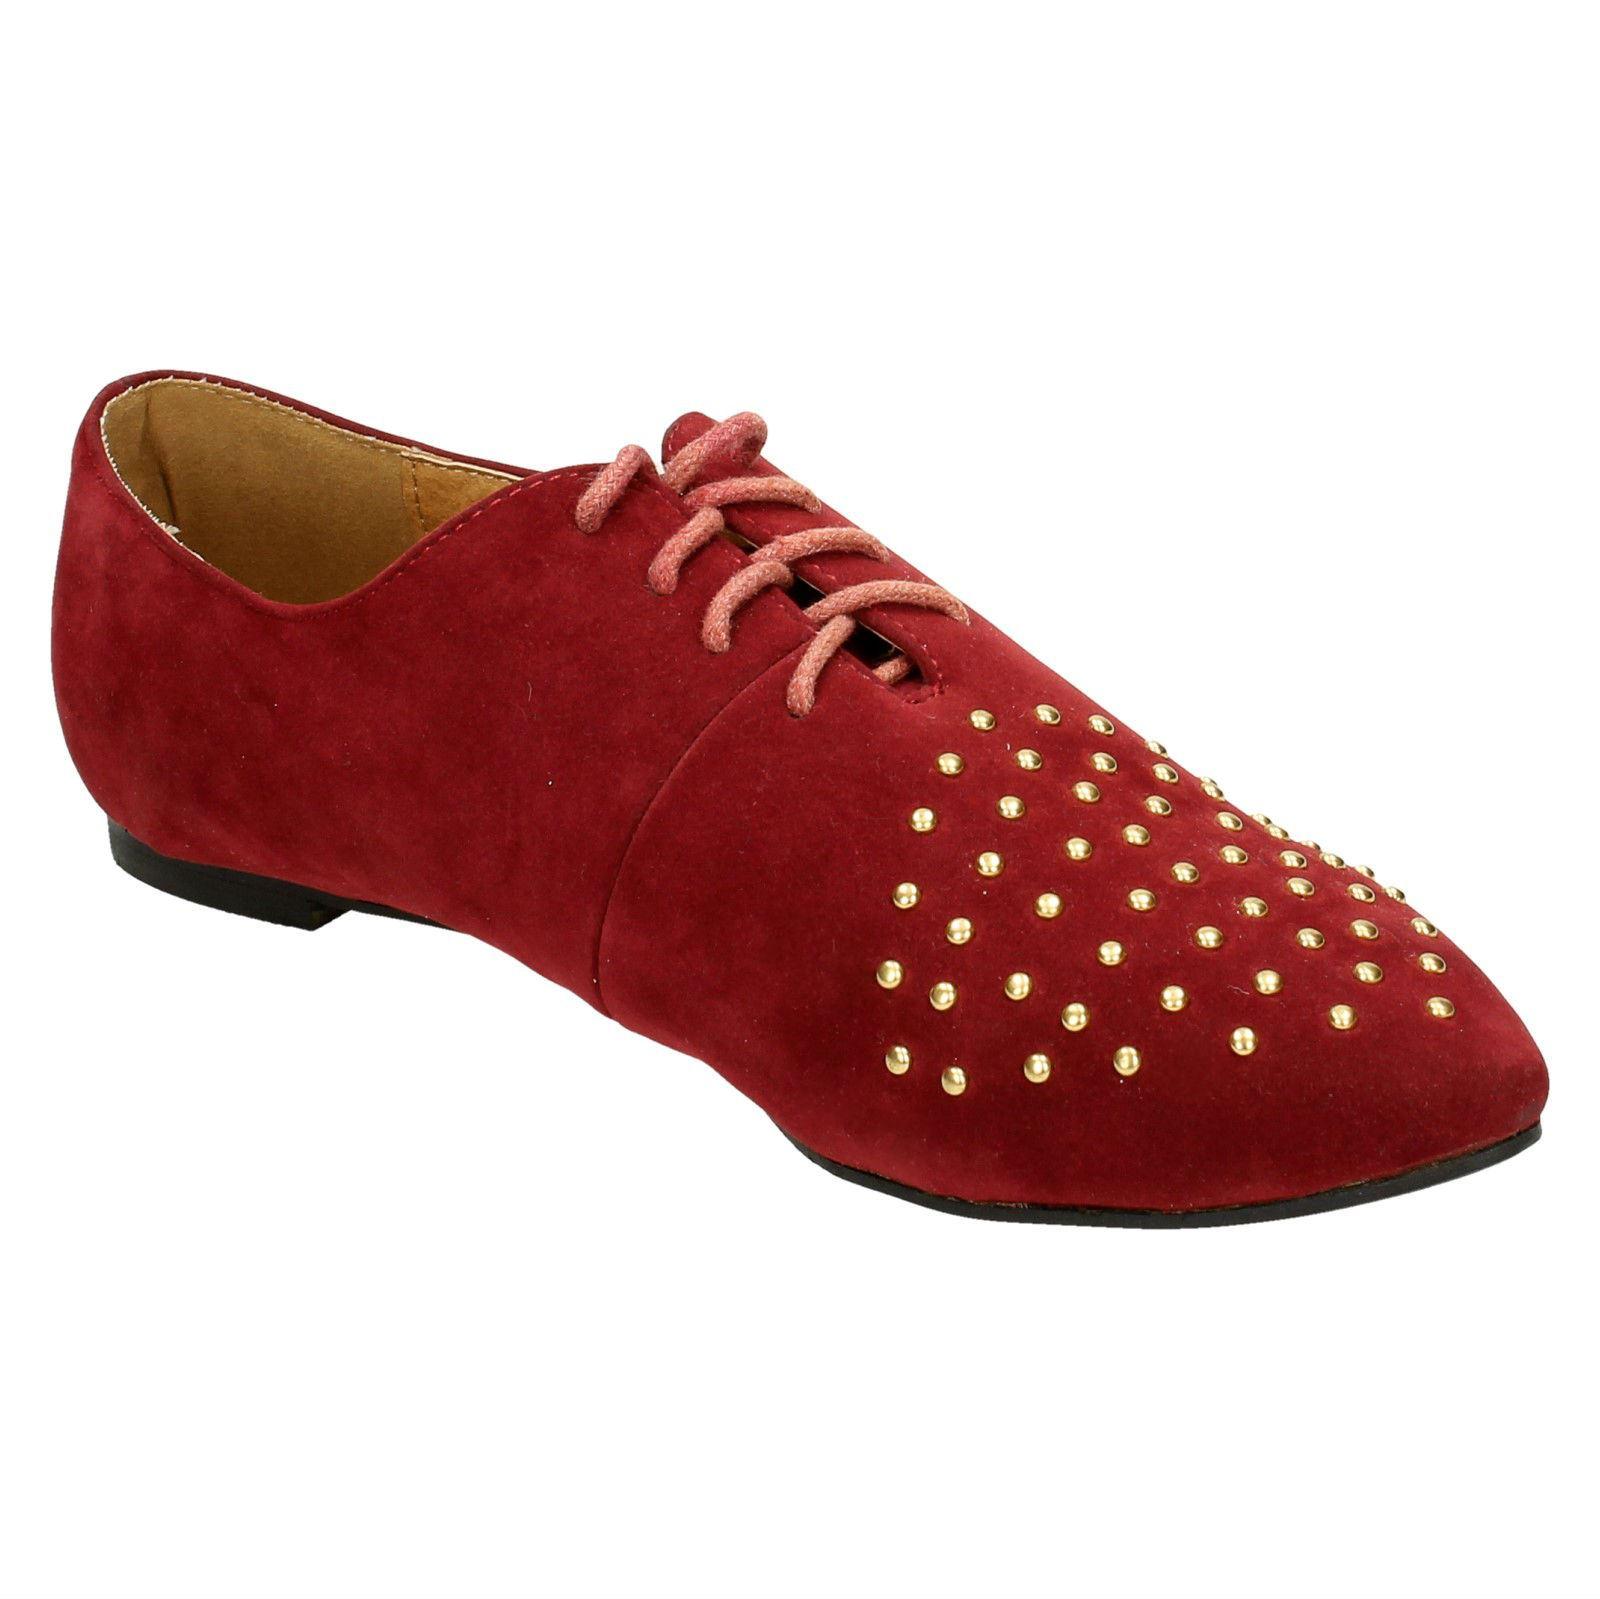 Fusée Dogsnowflake - Chaussures Basses Femme, Couleur Multicolore (de Taos Bordeaux), Taille 4 Uk (37 Eu)